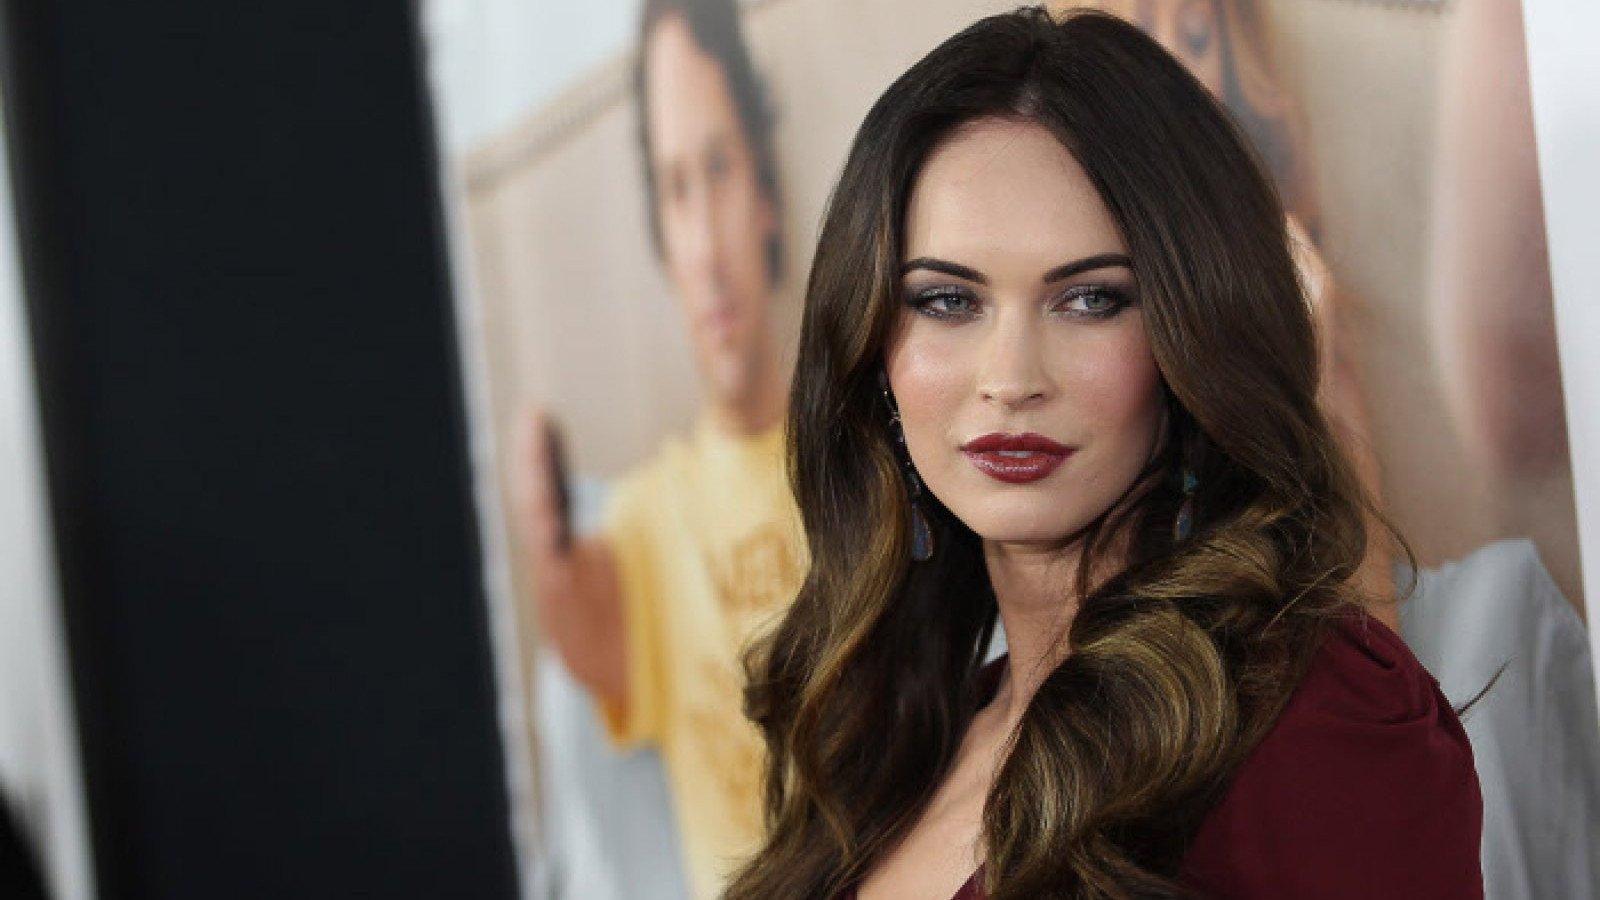 Otra similitud más con su admirada Angelina Jolie.